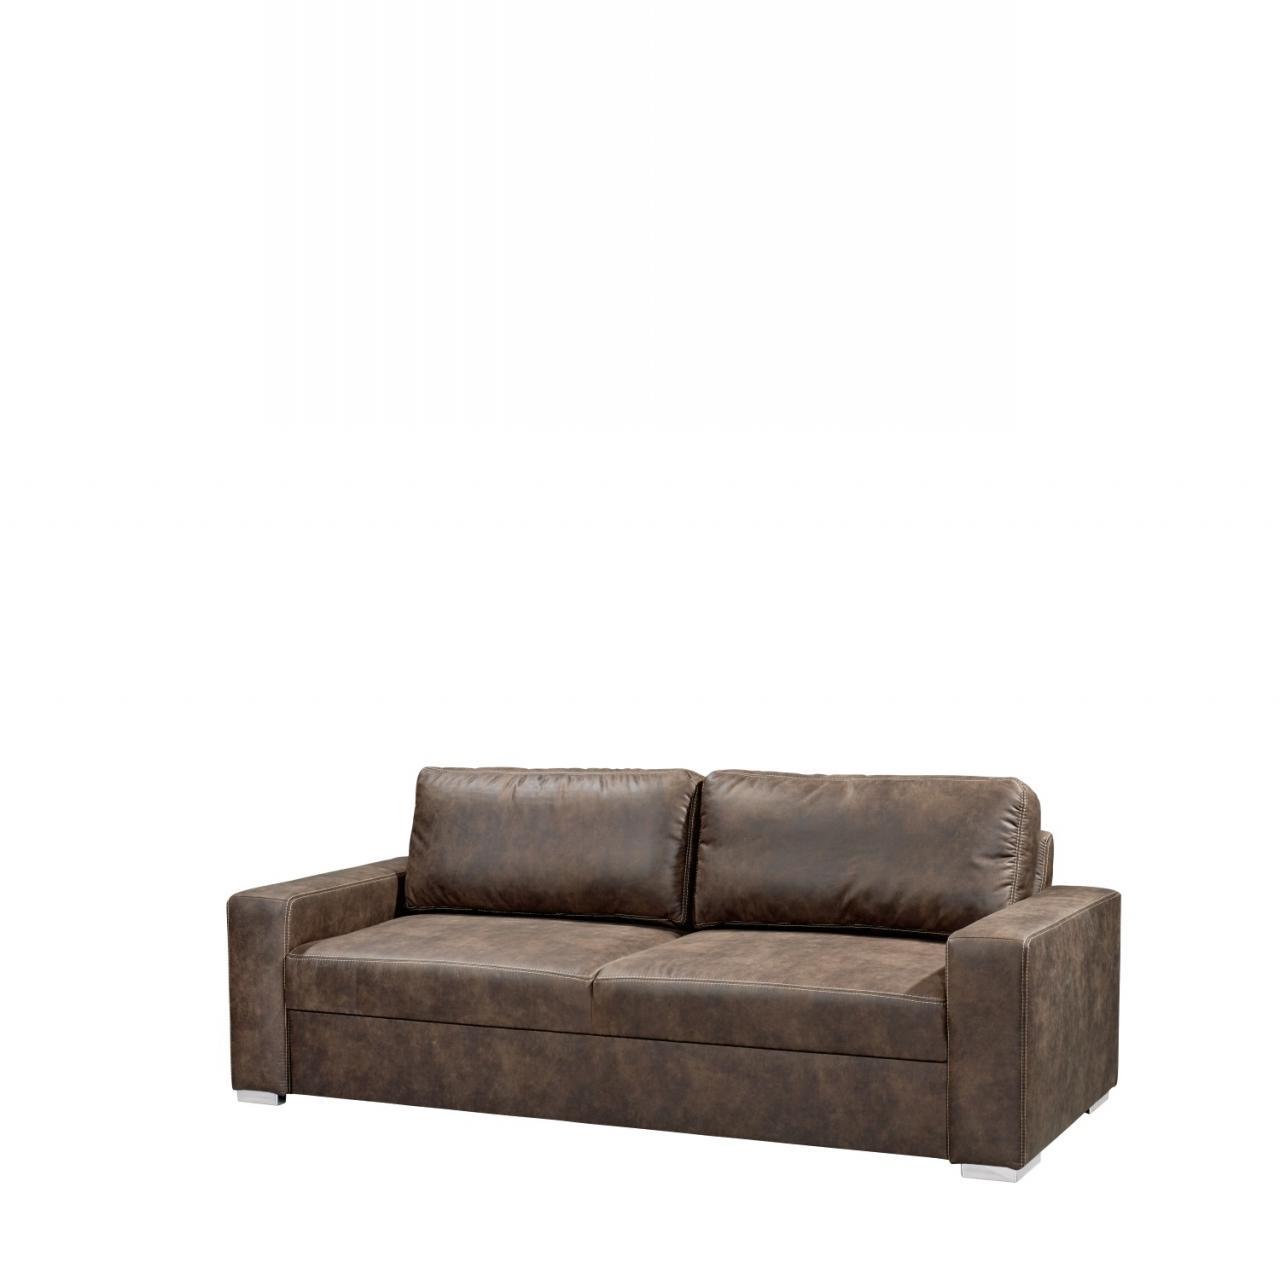 Full Size of Sofa Auf Raten 3er Regina Dunkelbraun Polstergarnitur Couch Inkl überzug Großes 2 Sitzer 3 Grau Mega Leinen Landhaus Lederpflege Blau Aus Matratzen Home Sofa Sofa Auf Raten